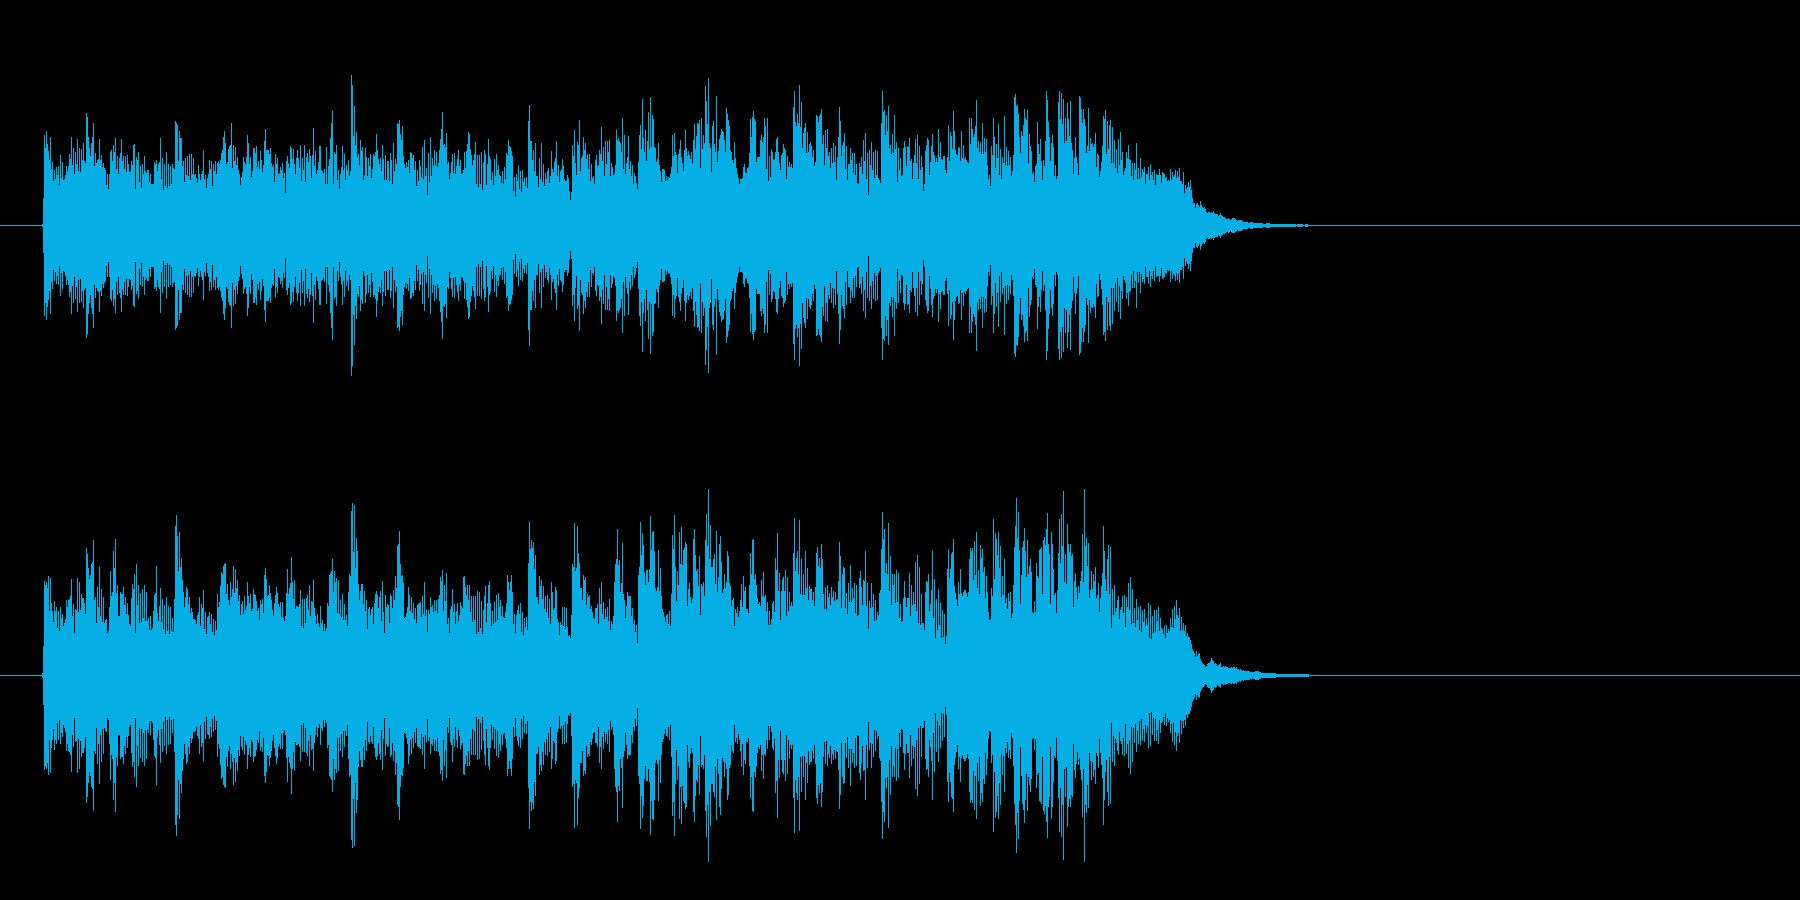 爽やかな歌謡曲風ポップス(イントロ)の再生済みの波形